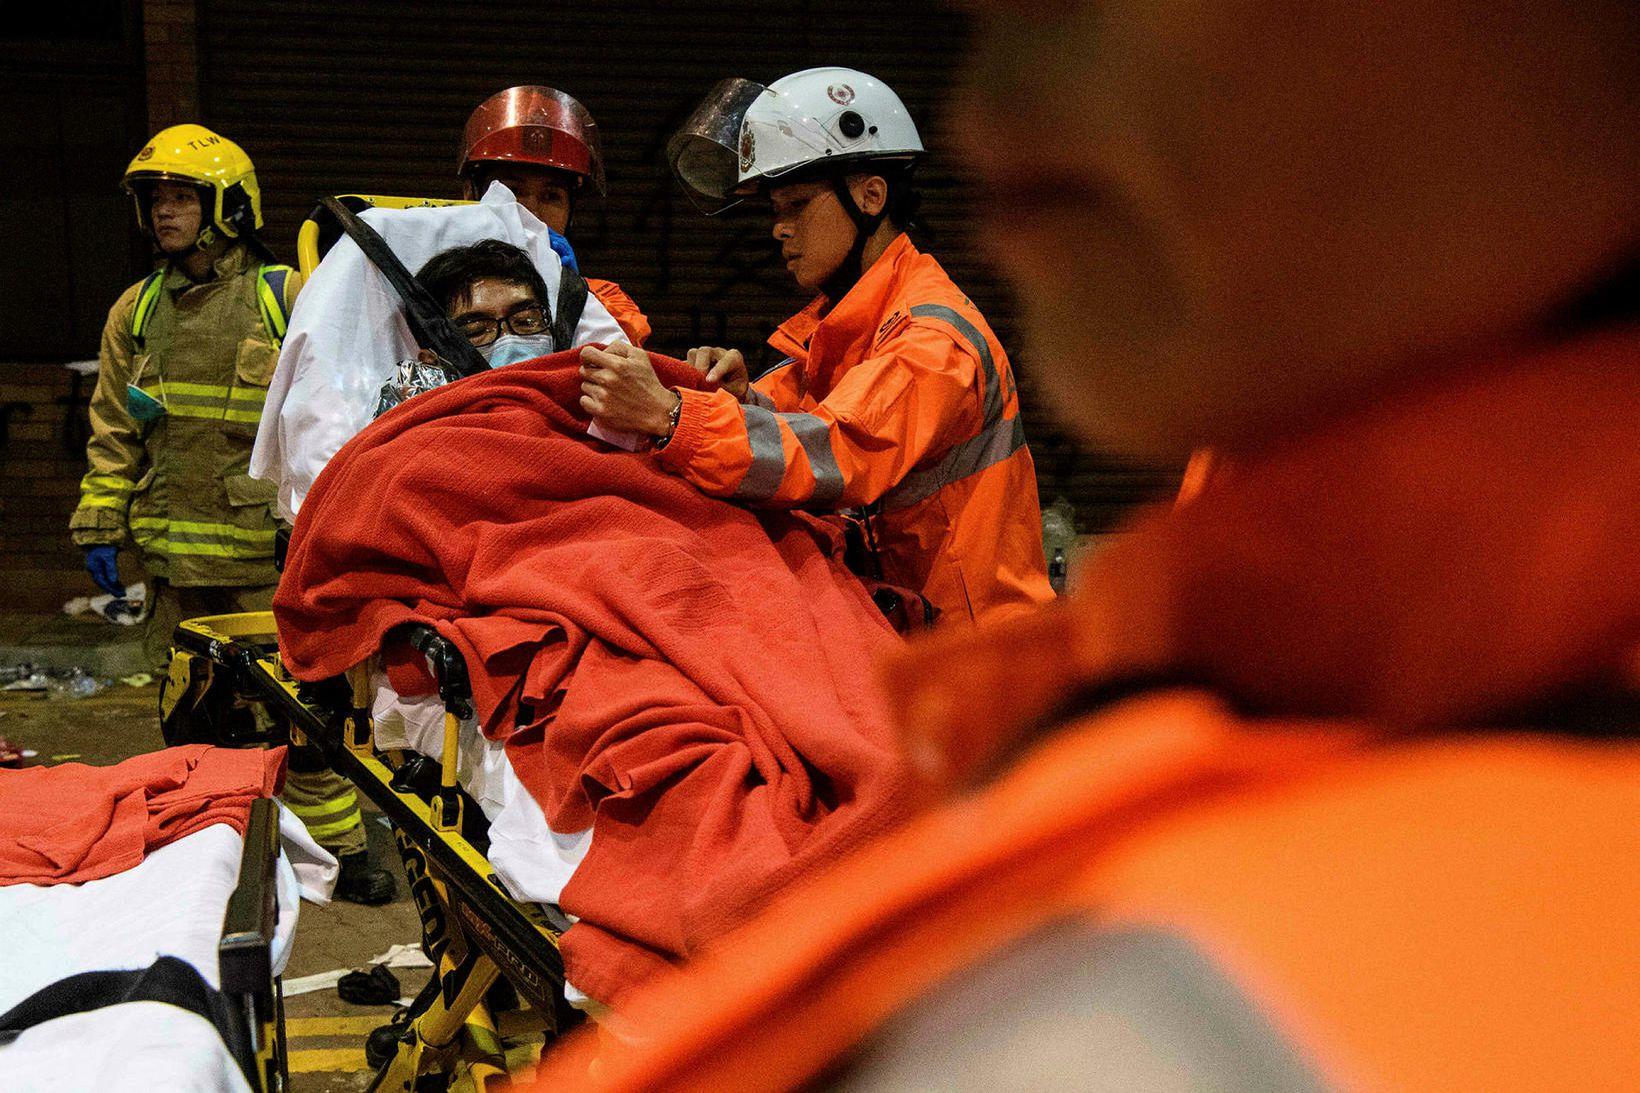 Átökin á milli lögreglu og mótmælenda í Hong Kong fara …